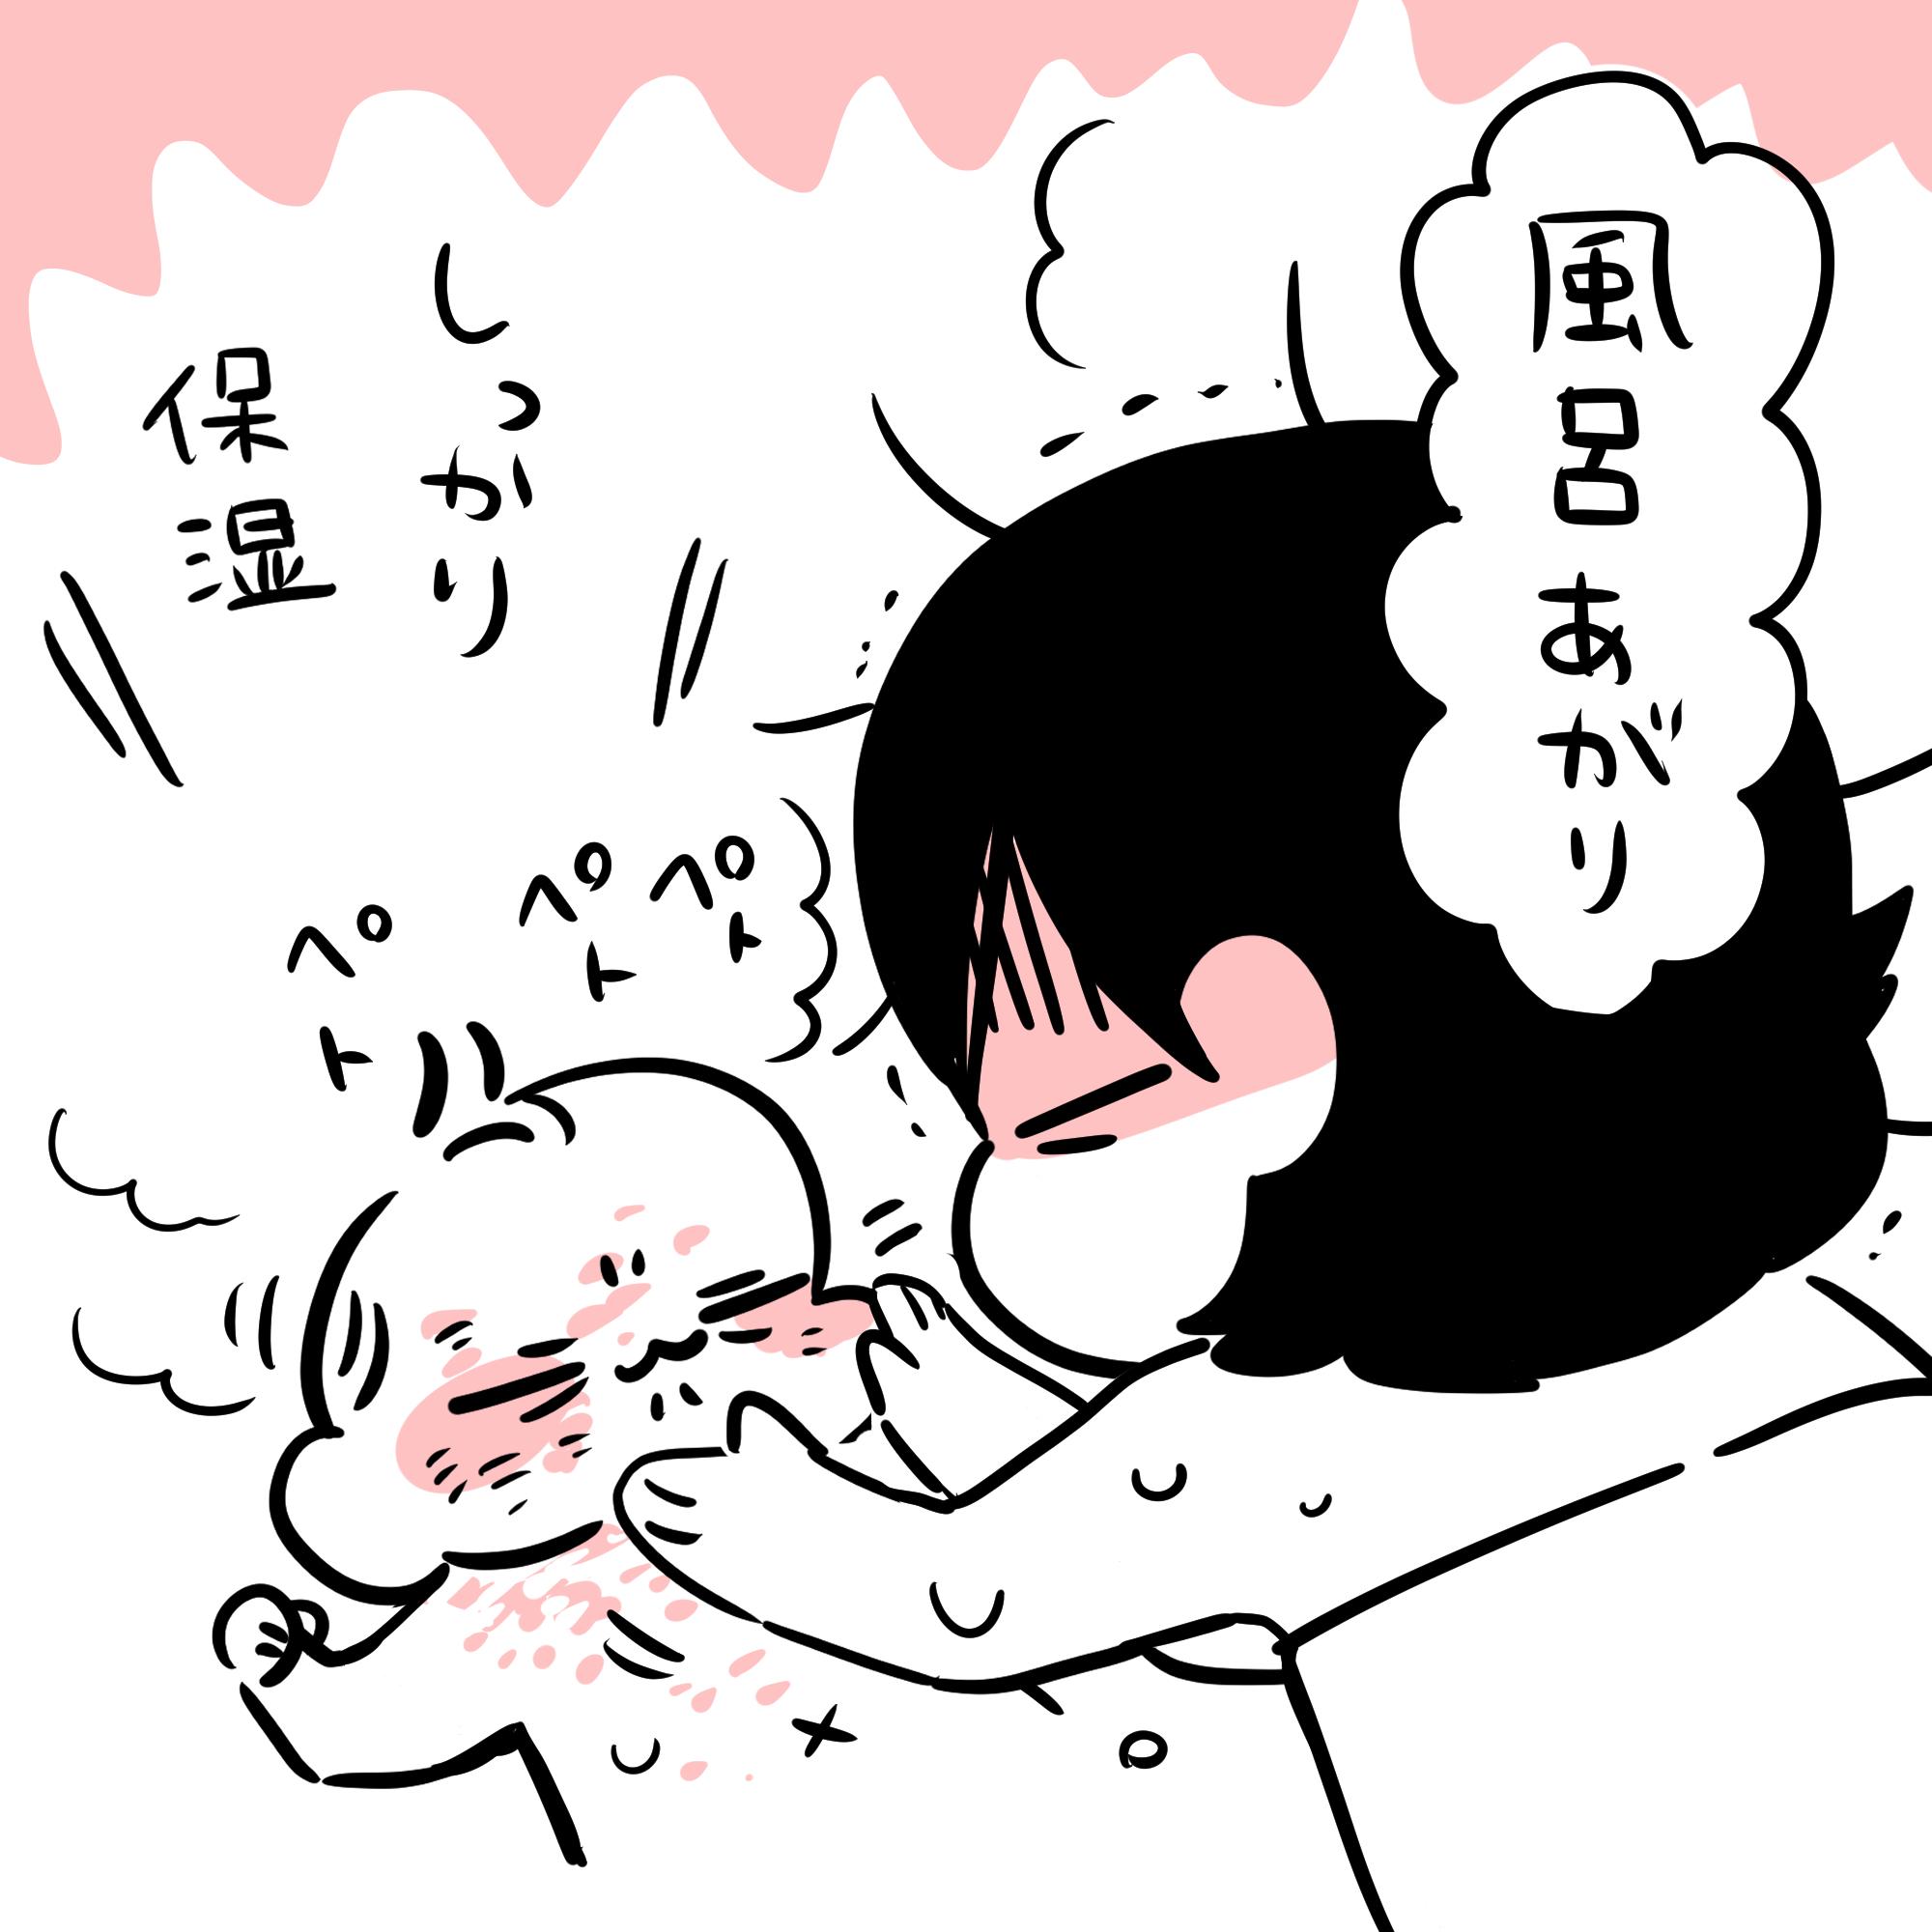 乳児湿疹が頑固すぎる。泣きたい…|ムチムチ!プニプニ!ちびたろ!#17